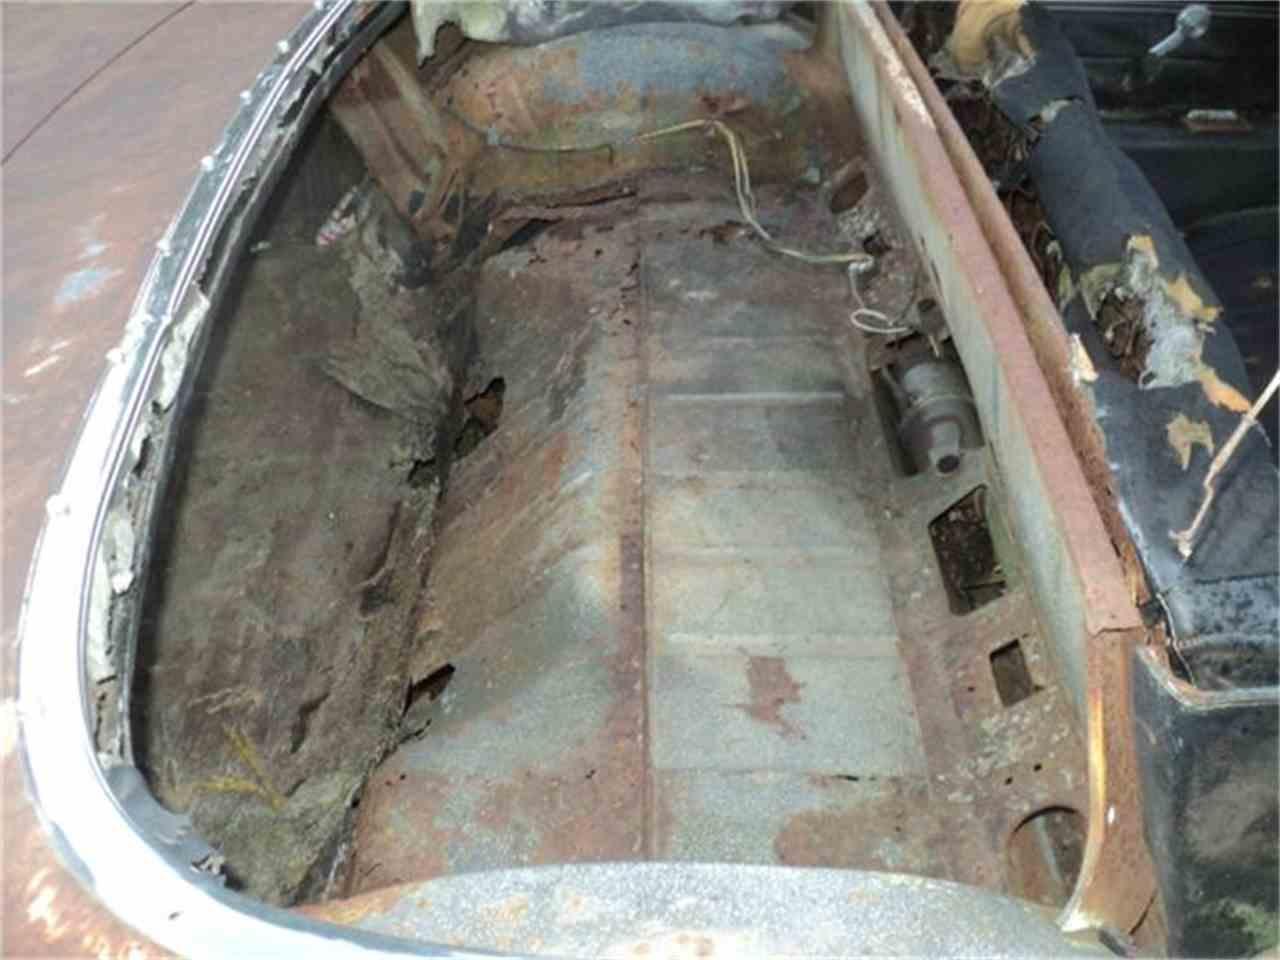 Large Picture of 1968 Impala located in Creston Ohio - $1,500.00 - 7P9E